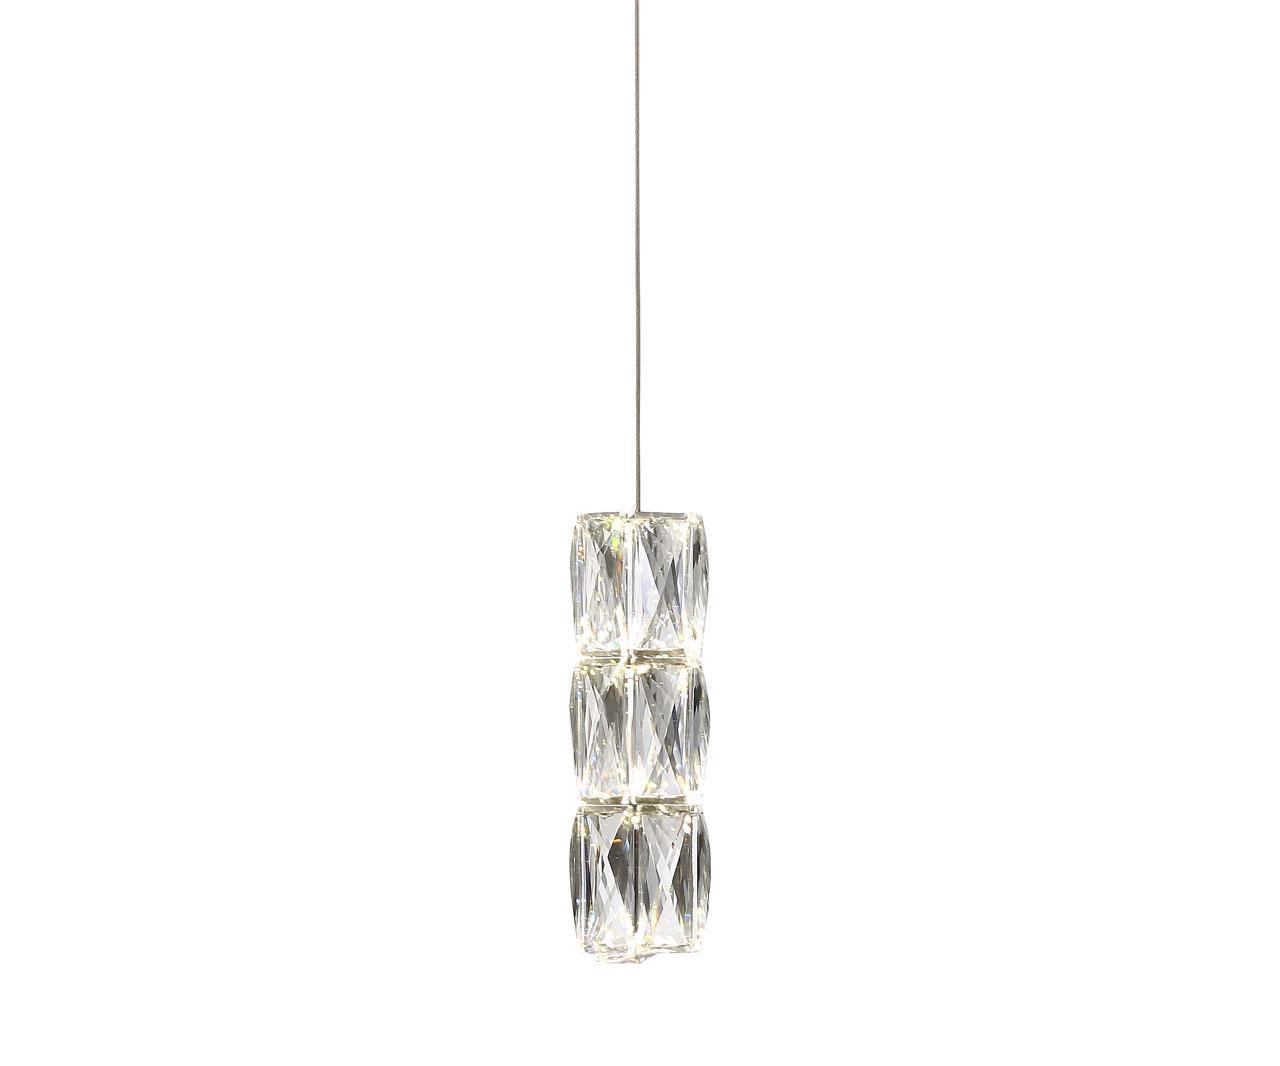 Подвесной светодиодный светильник Kink Light Аква-Кристалл 08620-1c kink light бра kink light аква кристалл 08620